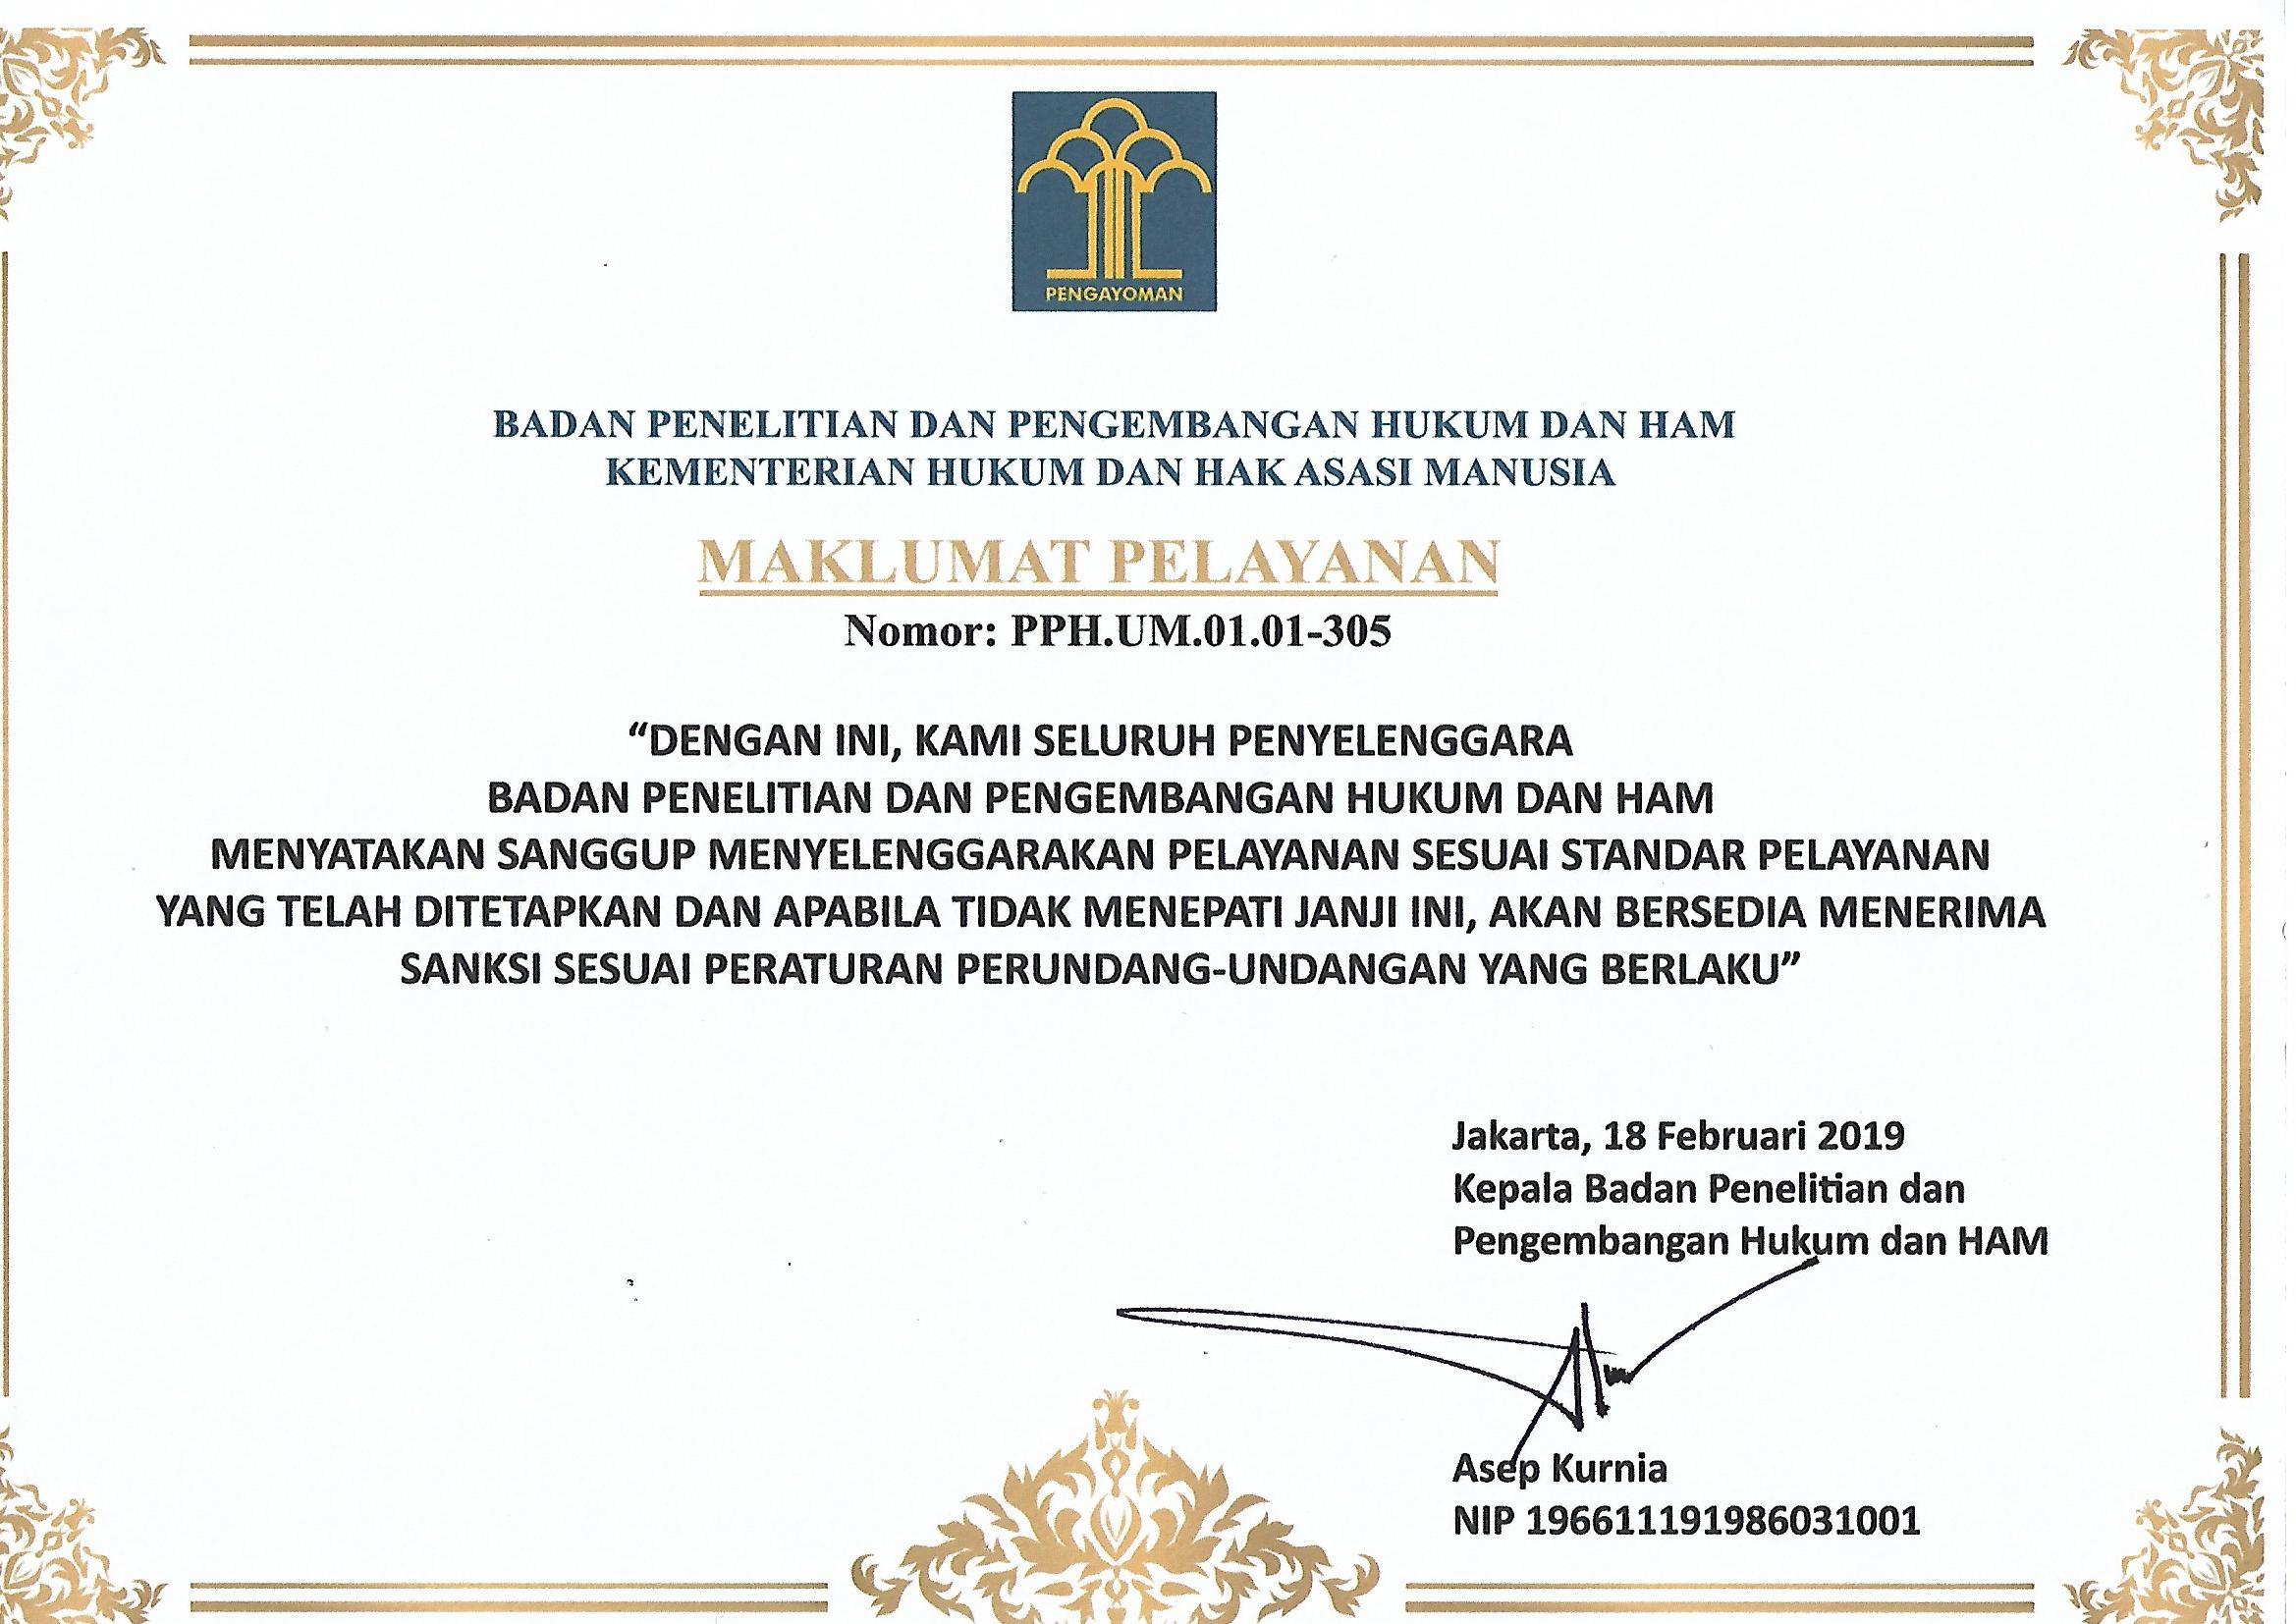 Maklumat Pelayanan Badan Litbang Hukum dan HAM 2019